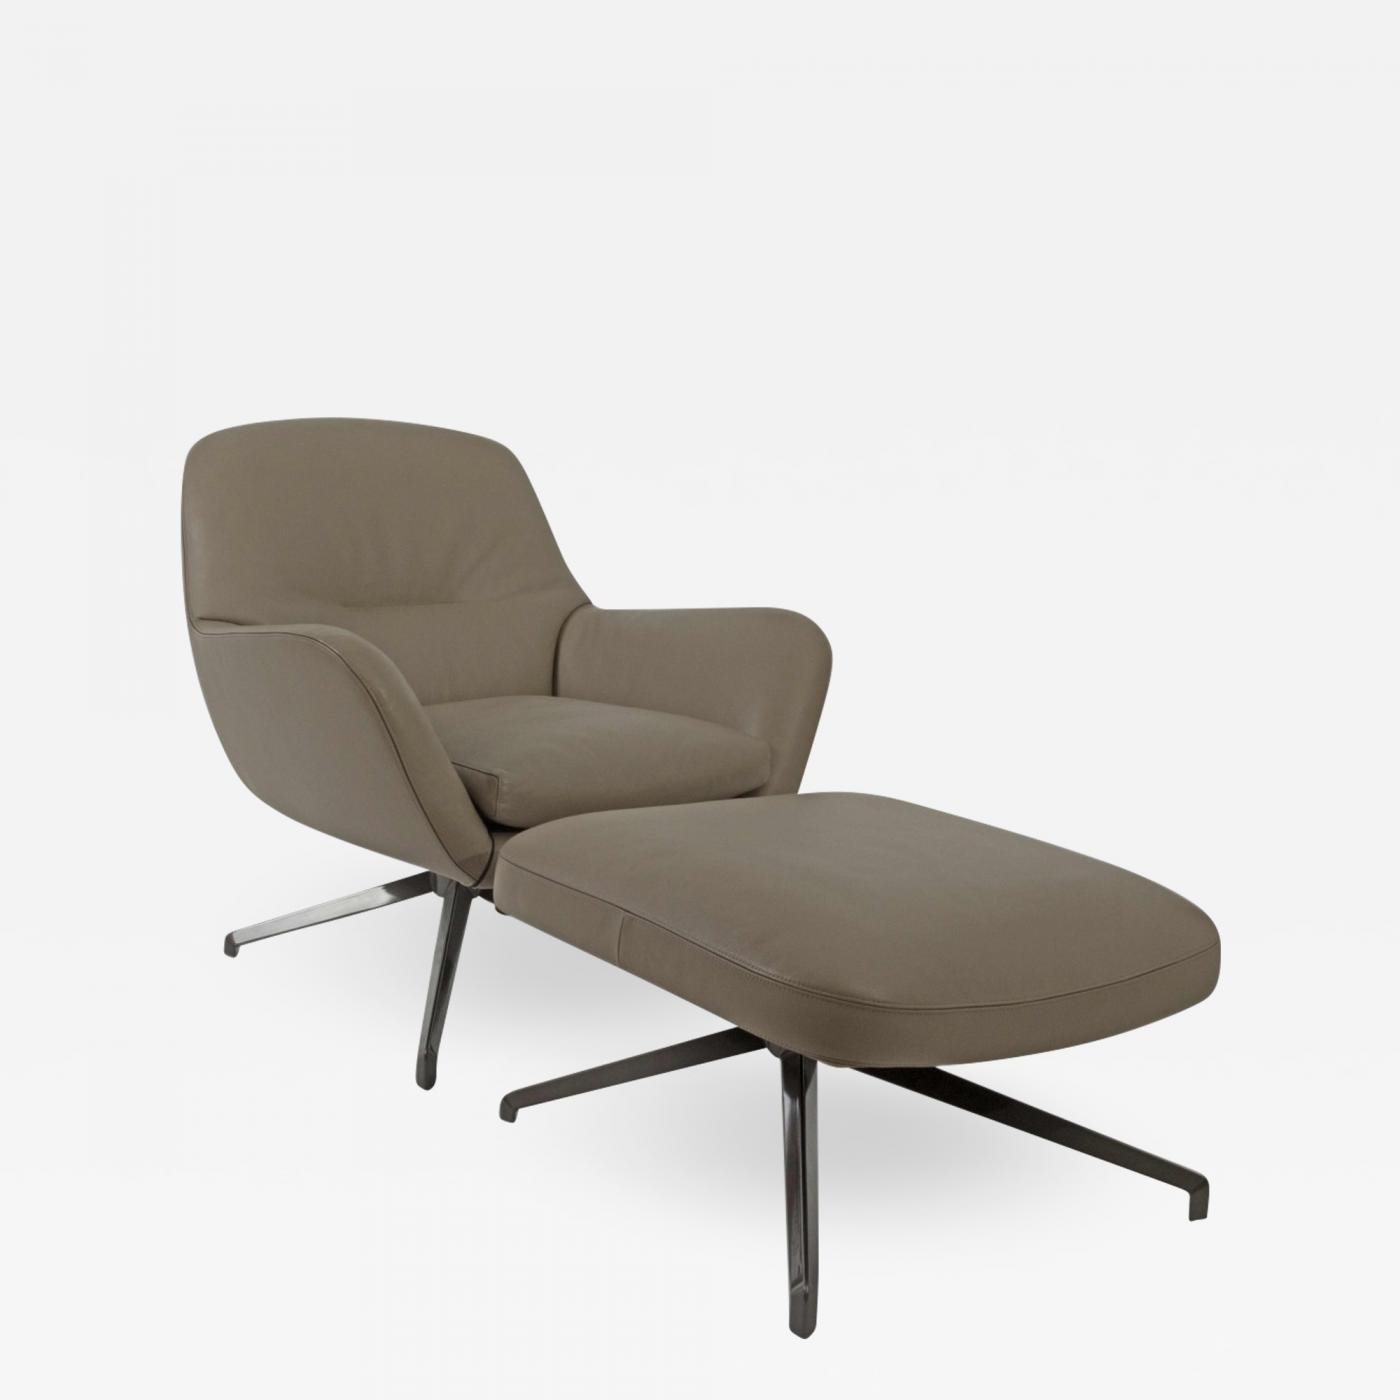 Cool Rodolfo Dordoni Rodolfo Dordoni Minotti Jensen Swivel Chair Ottoman Pabps2019 Chair Design Images Pabps2019Com